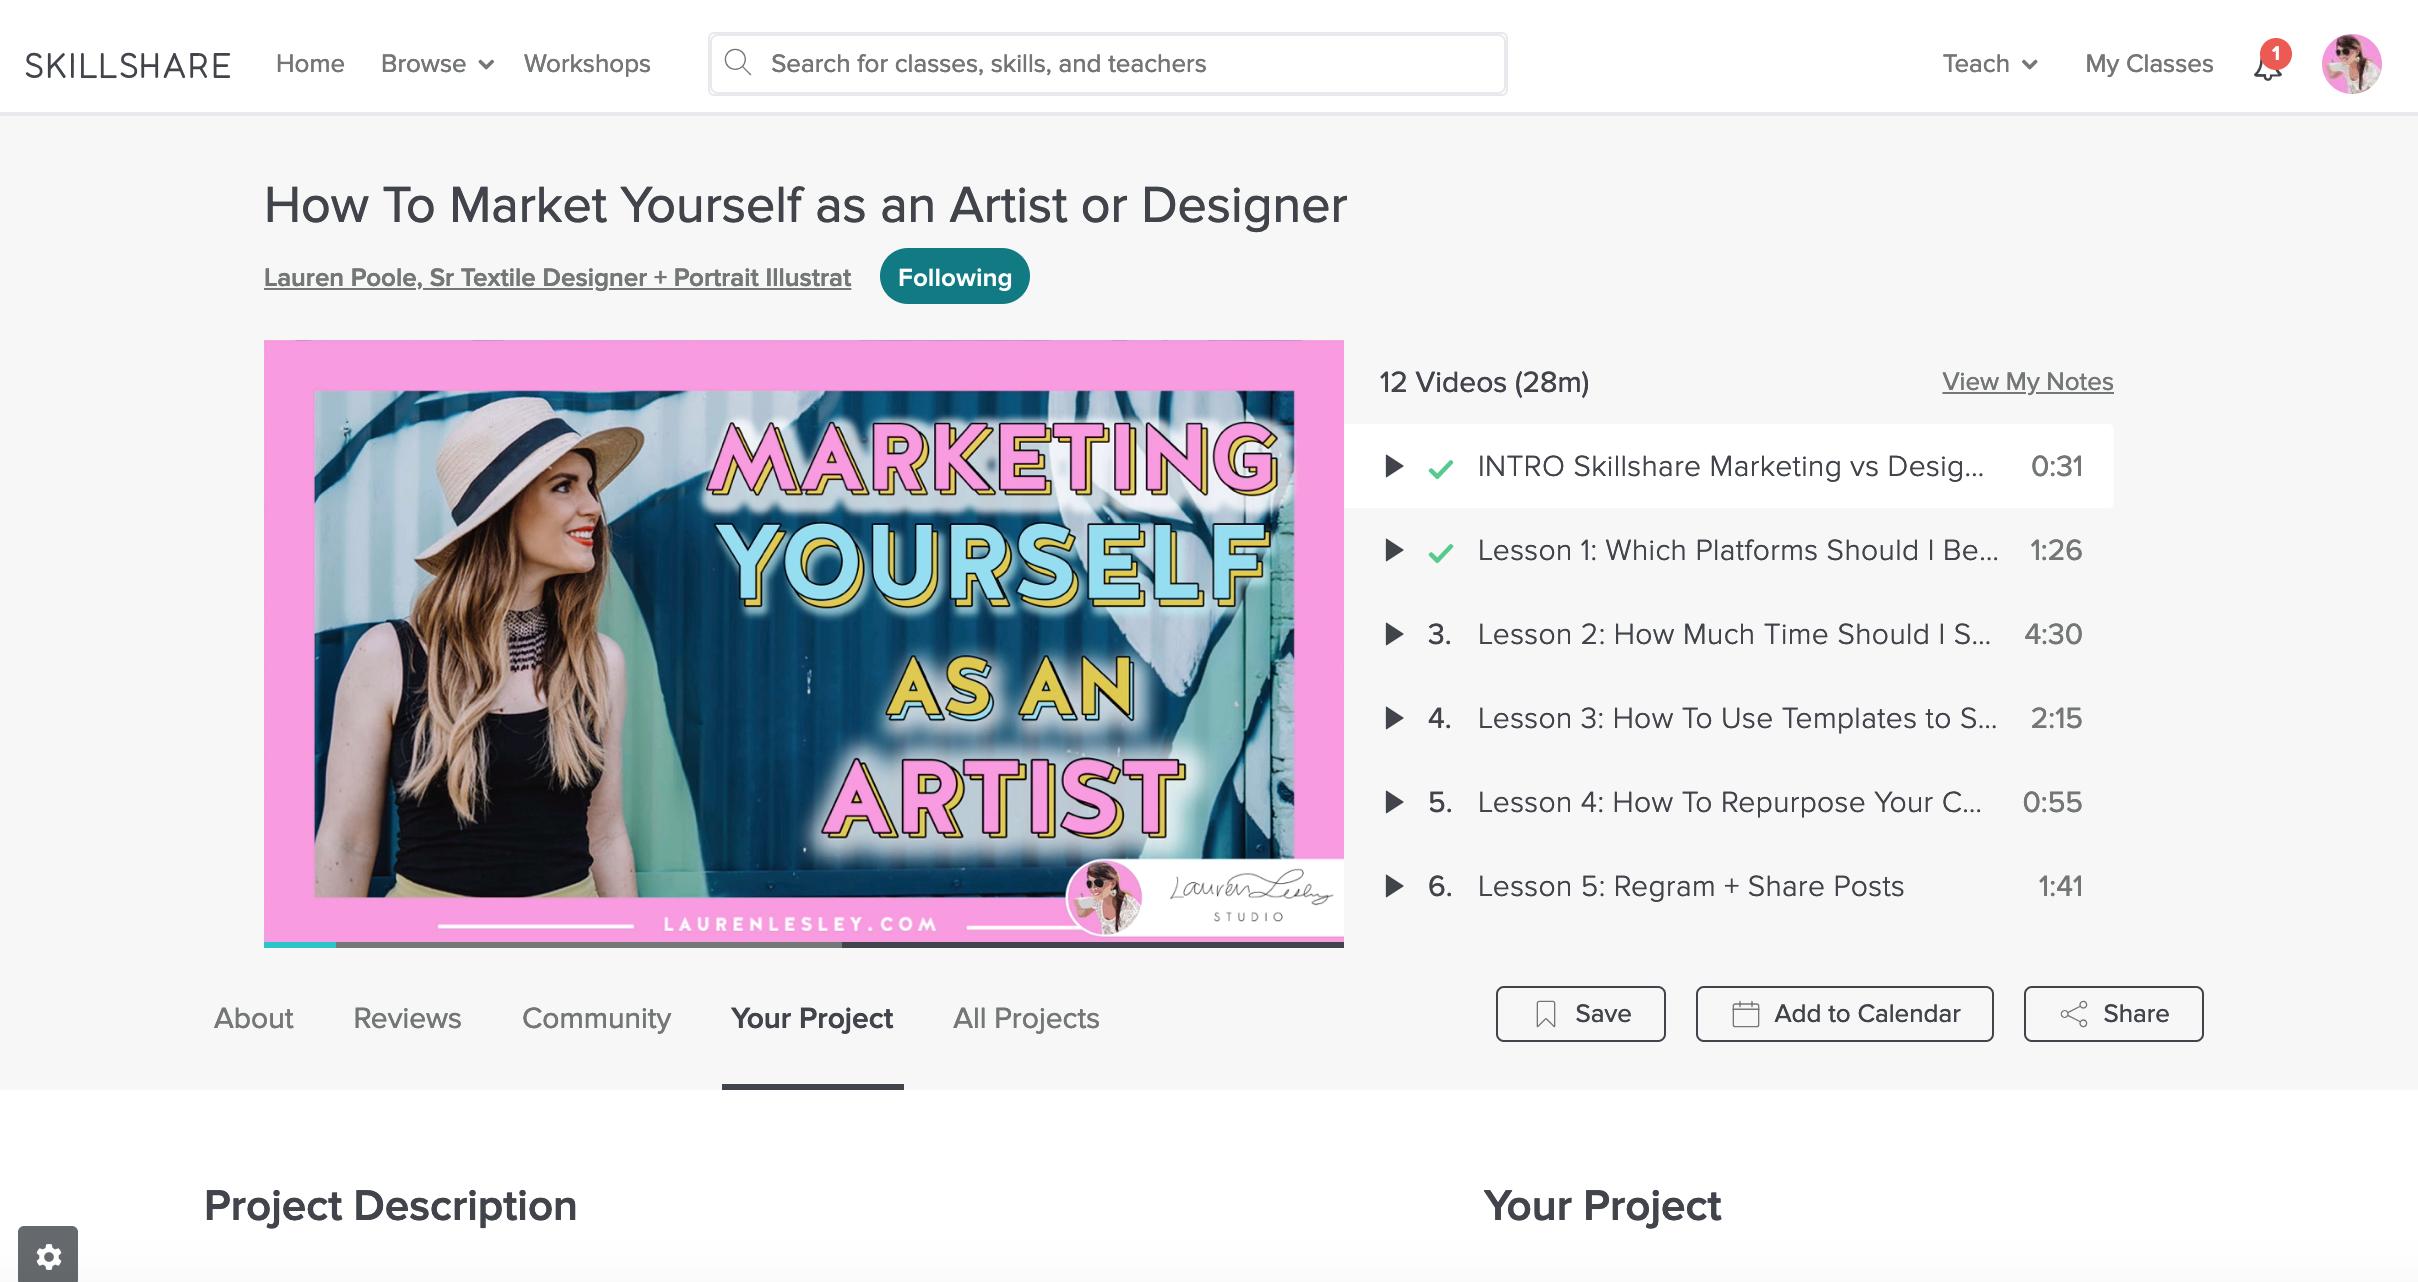 Marketing yourself as an artist